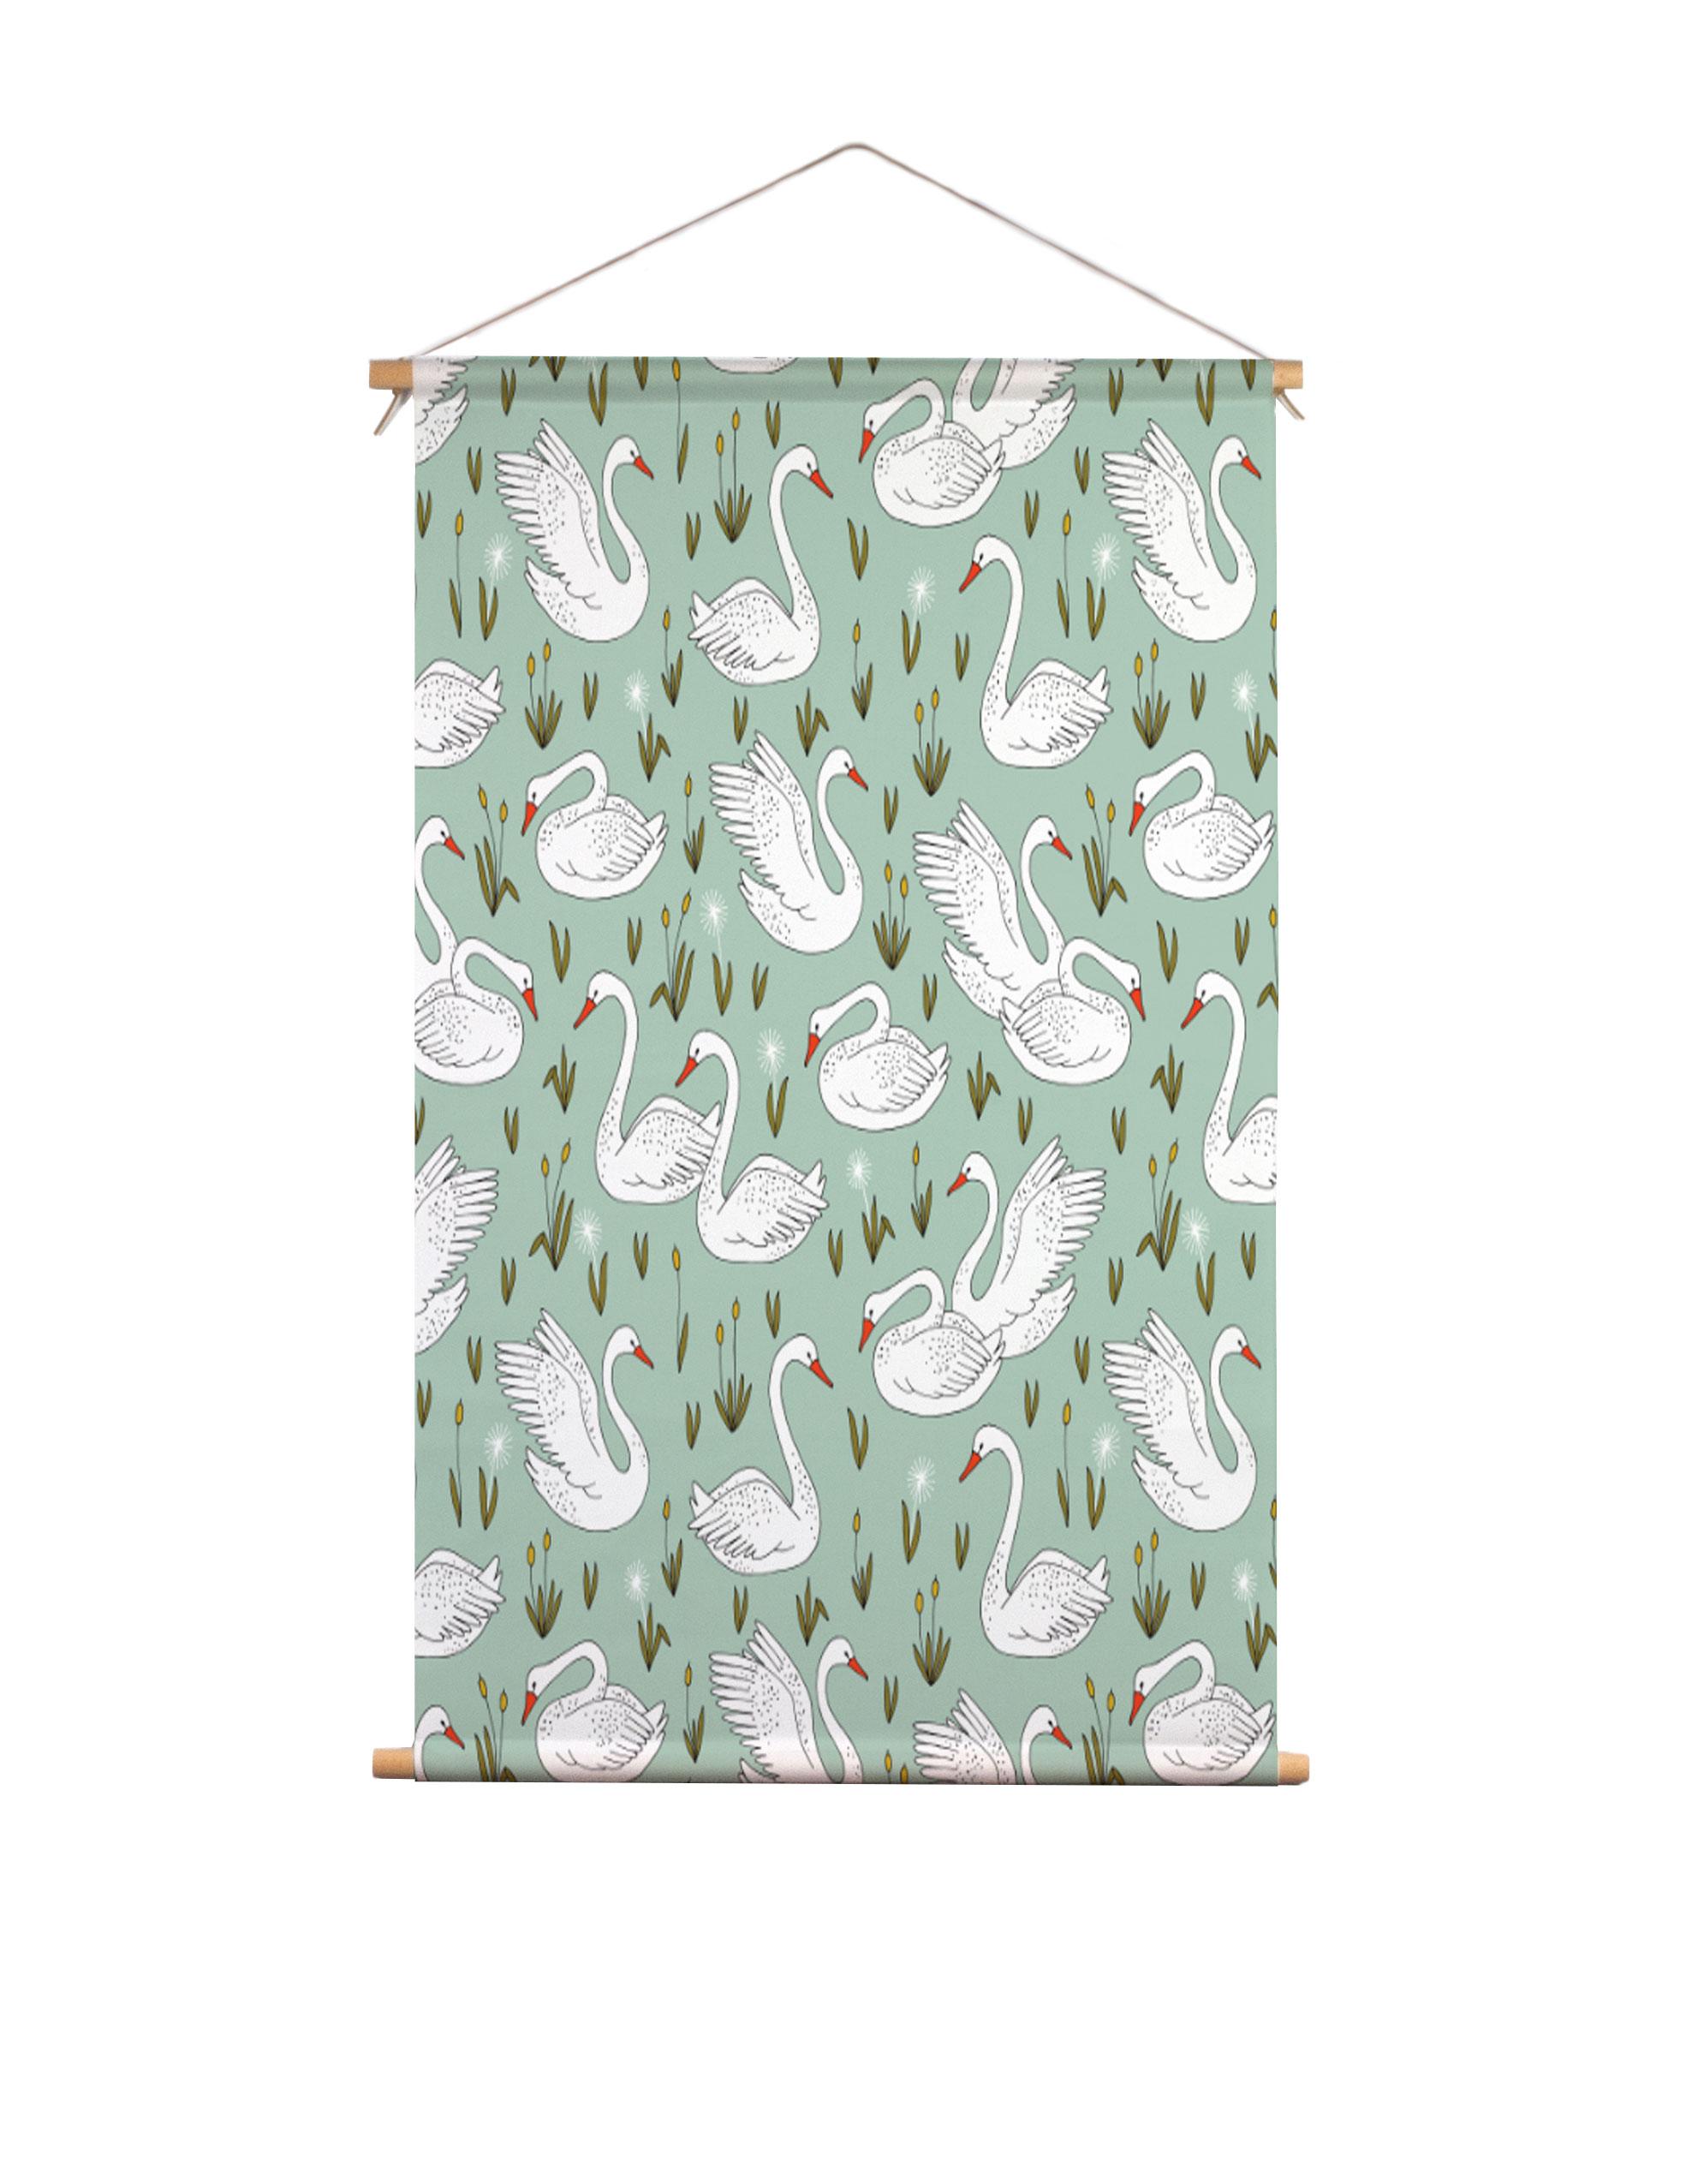 Textielposter-zwanenvijfer-HvdT-Designs